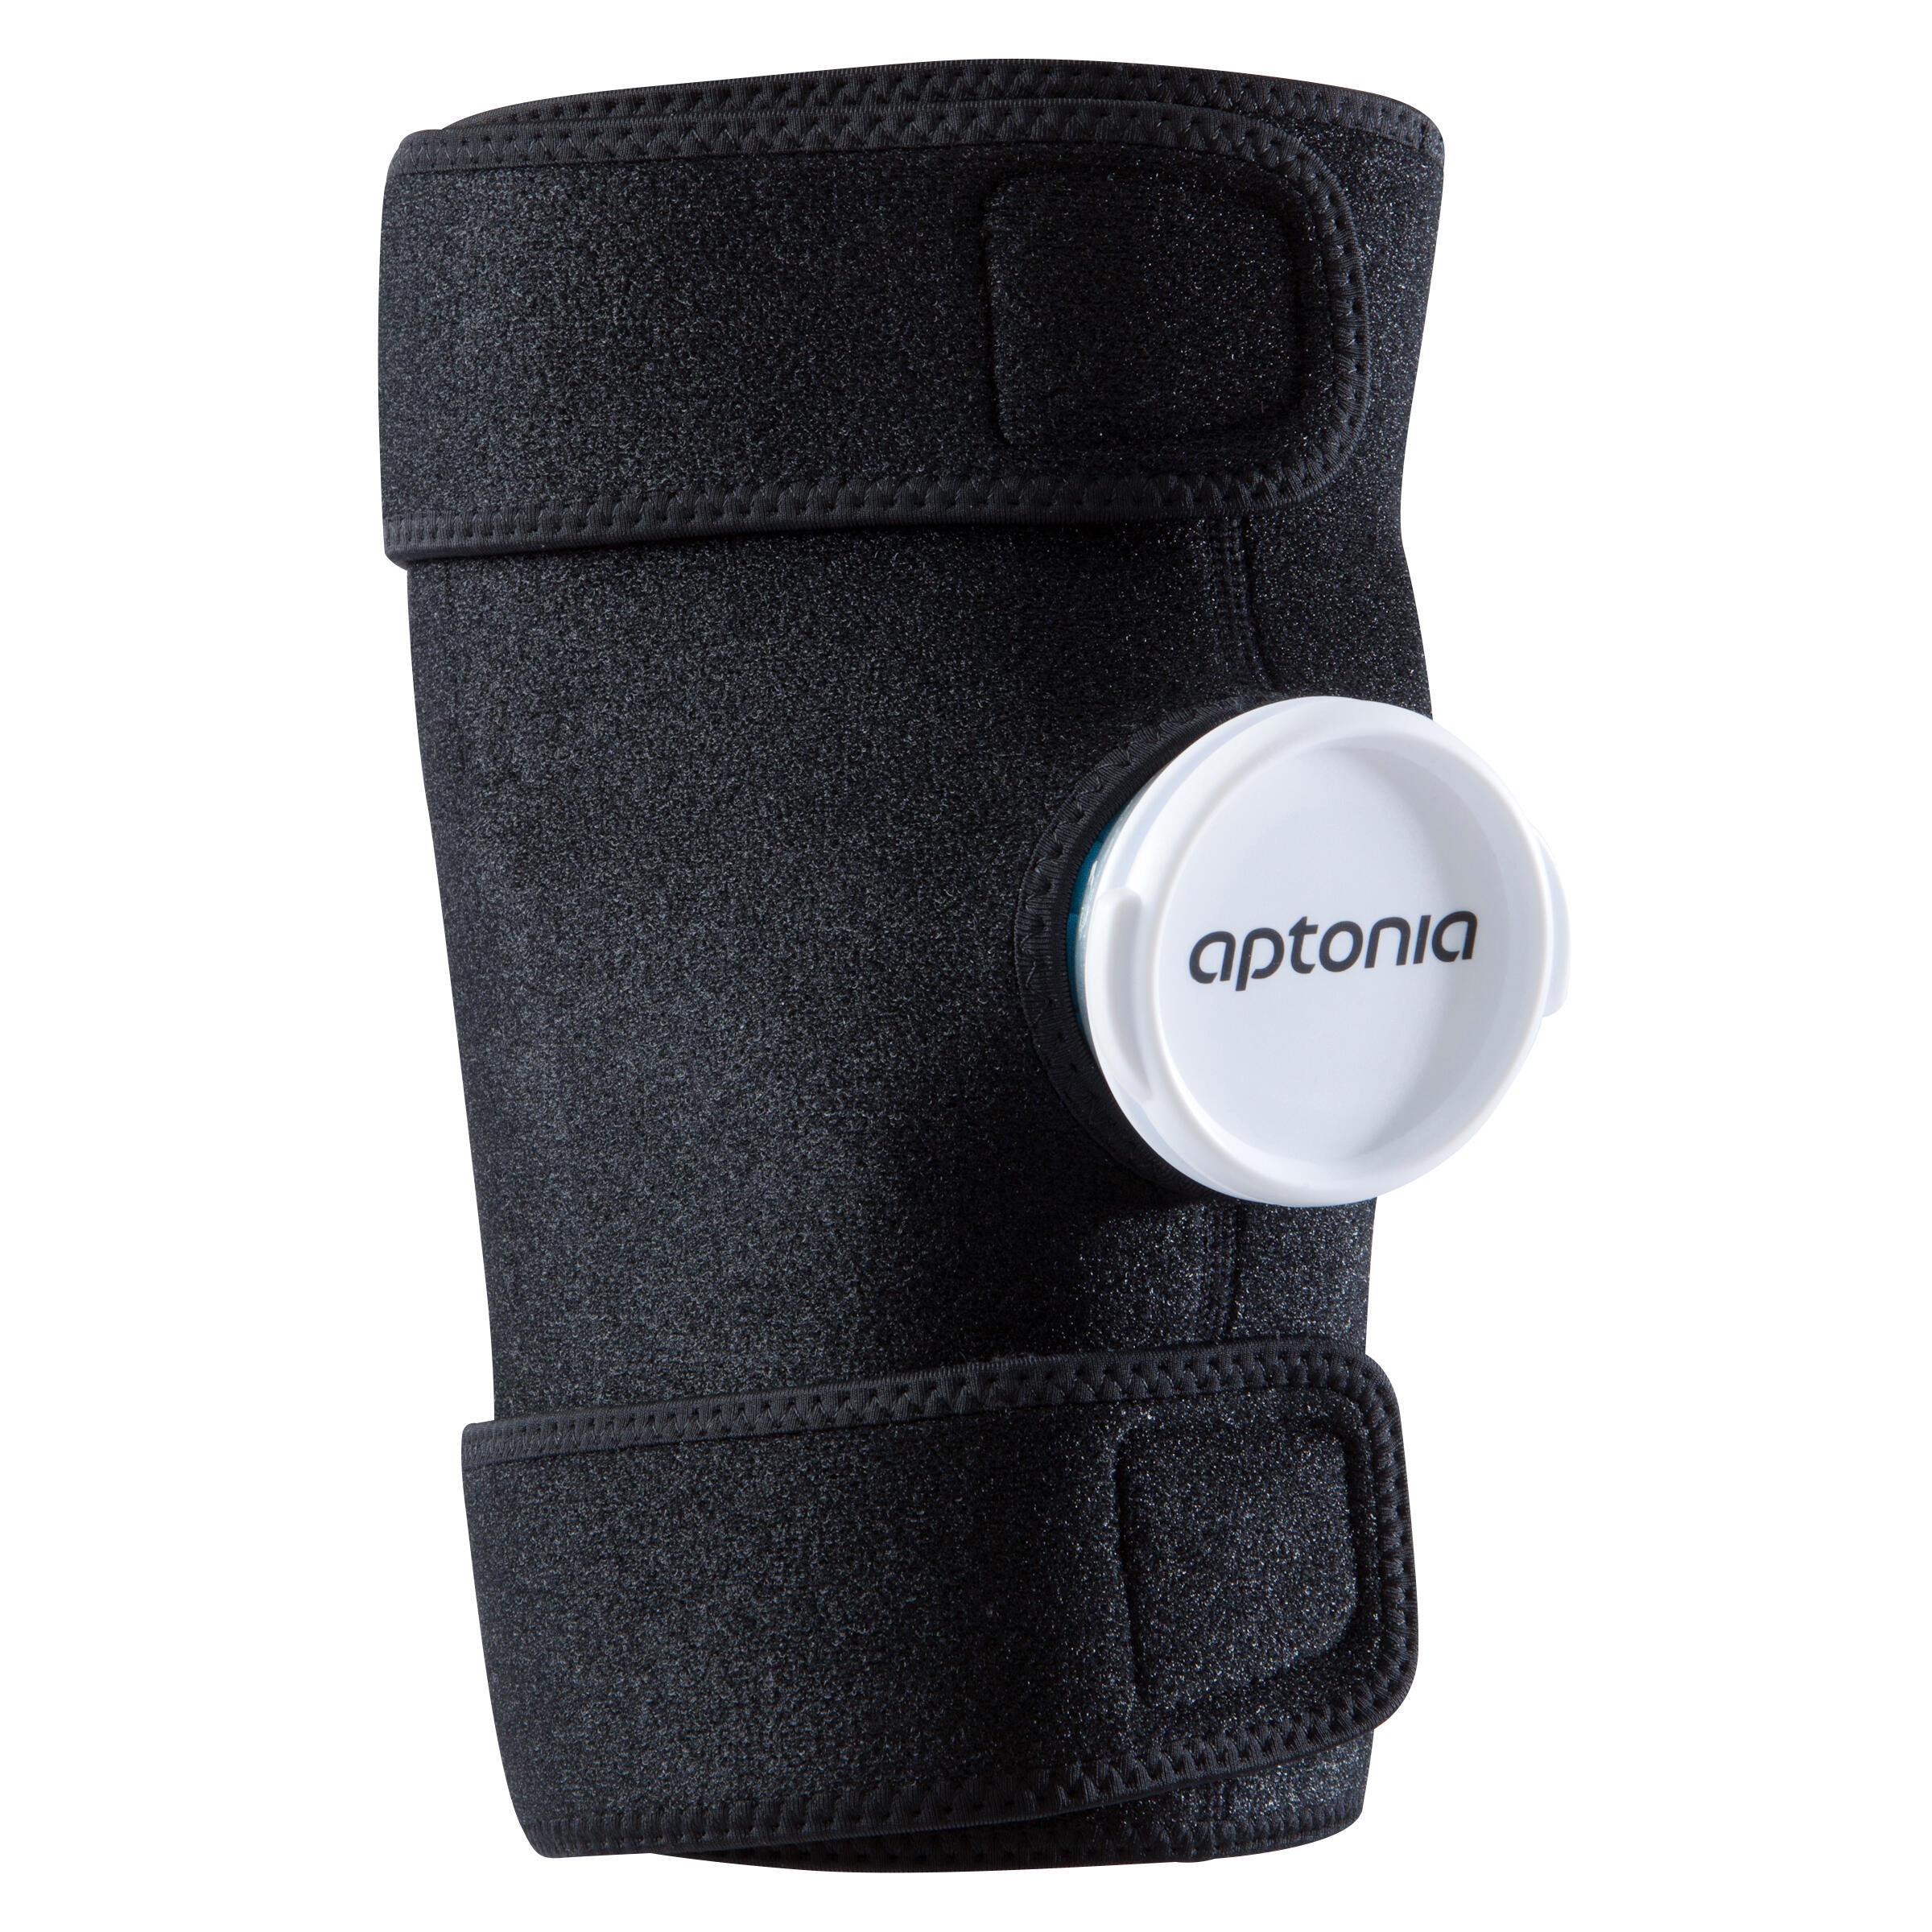 Aptonia Compressiehoes voor Ice Pocket of herbruikbaar kompres